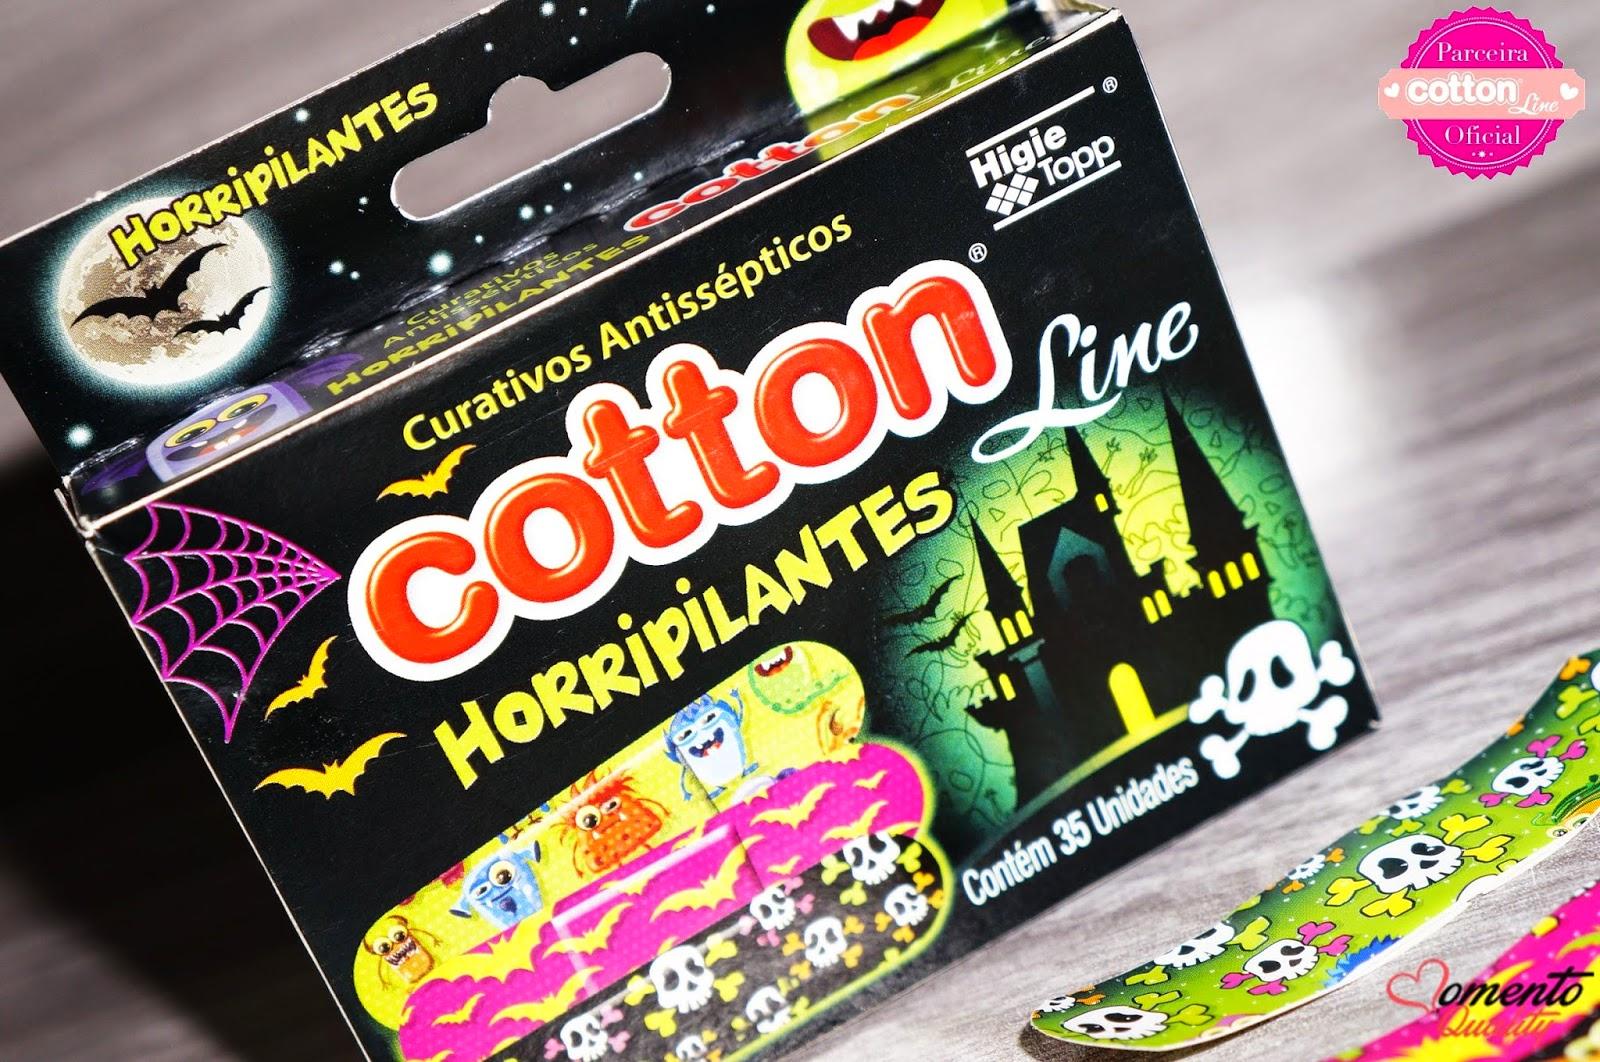 Curativos Horripilantes Cotton Line